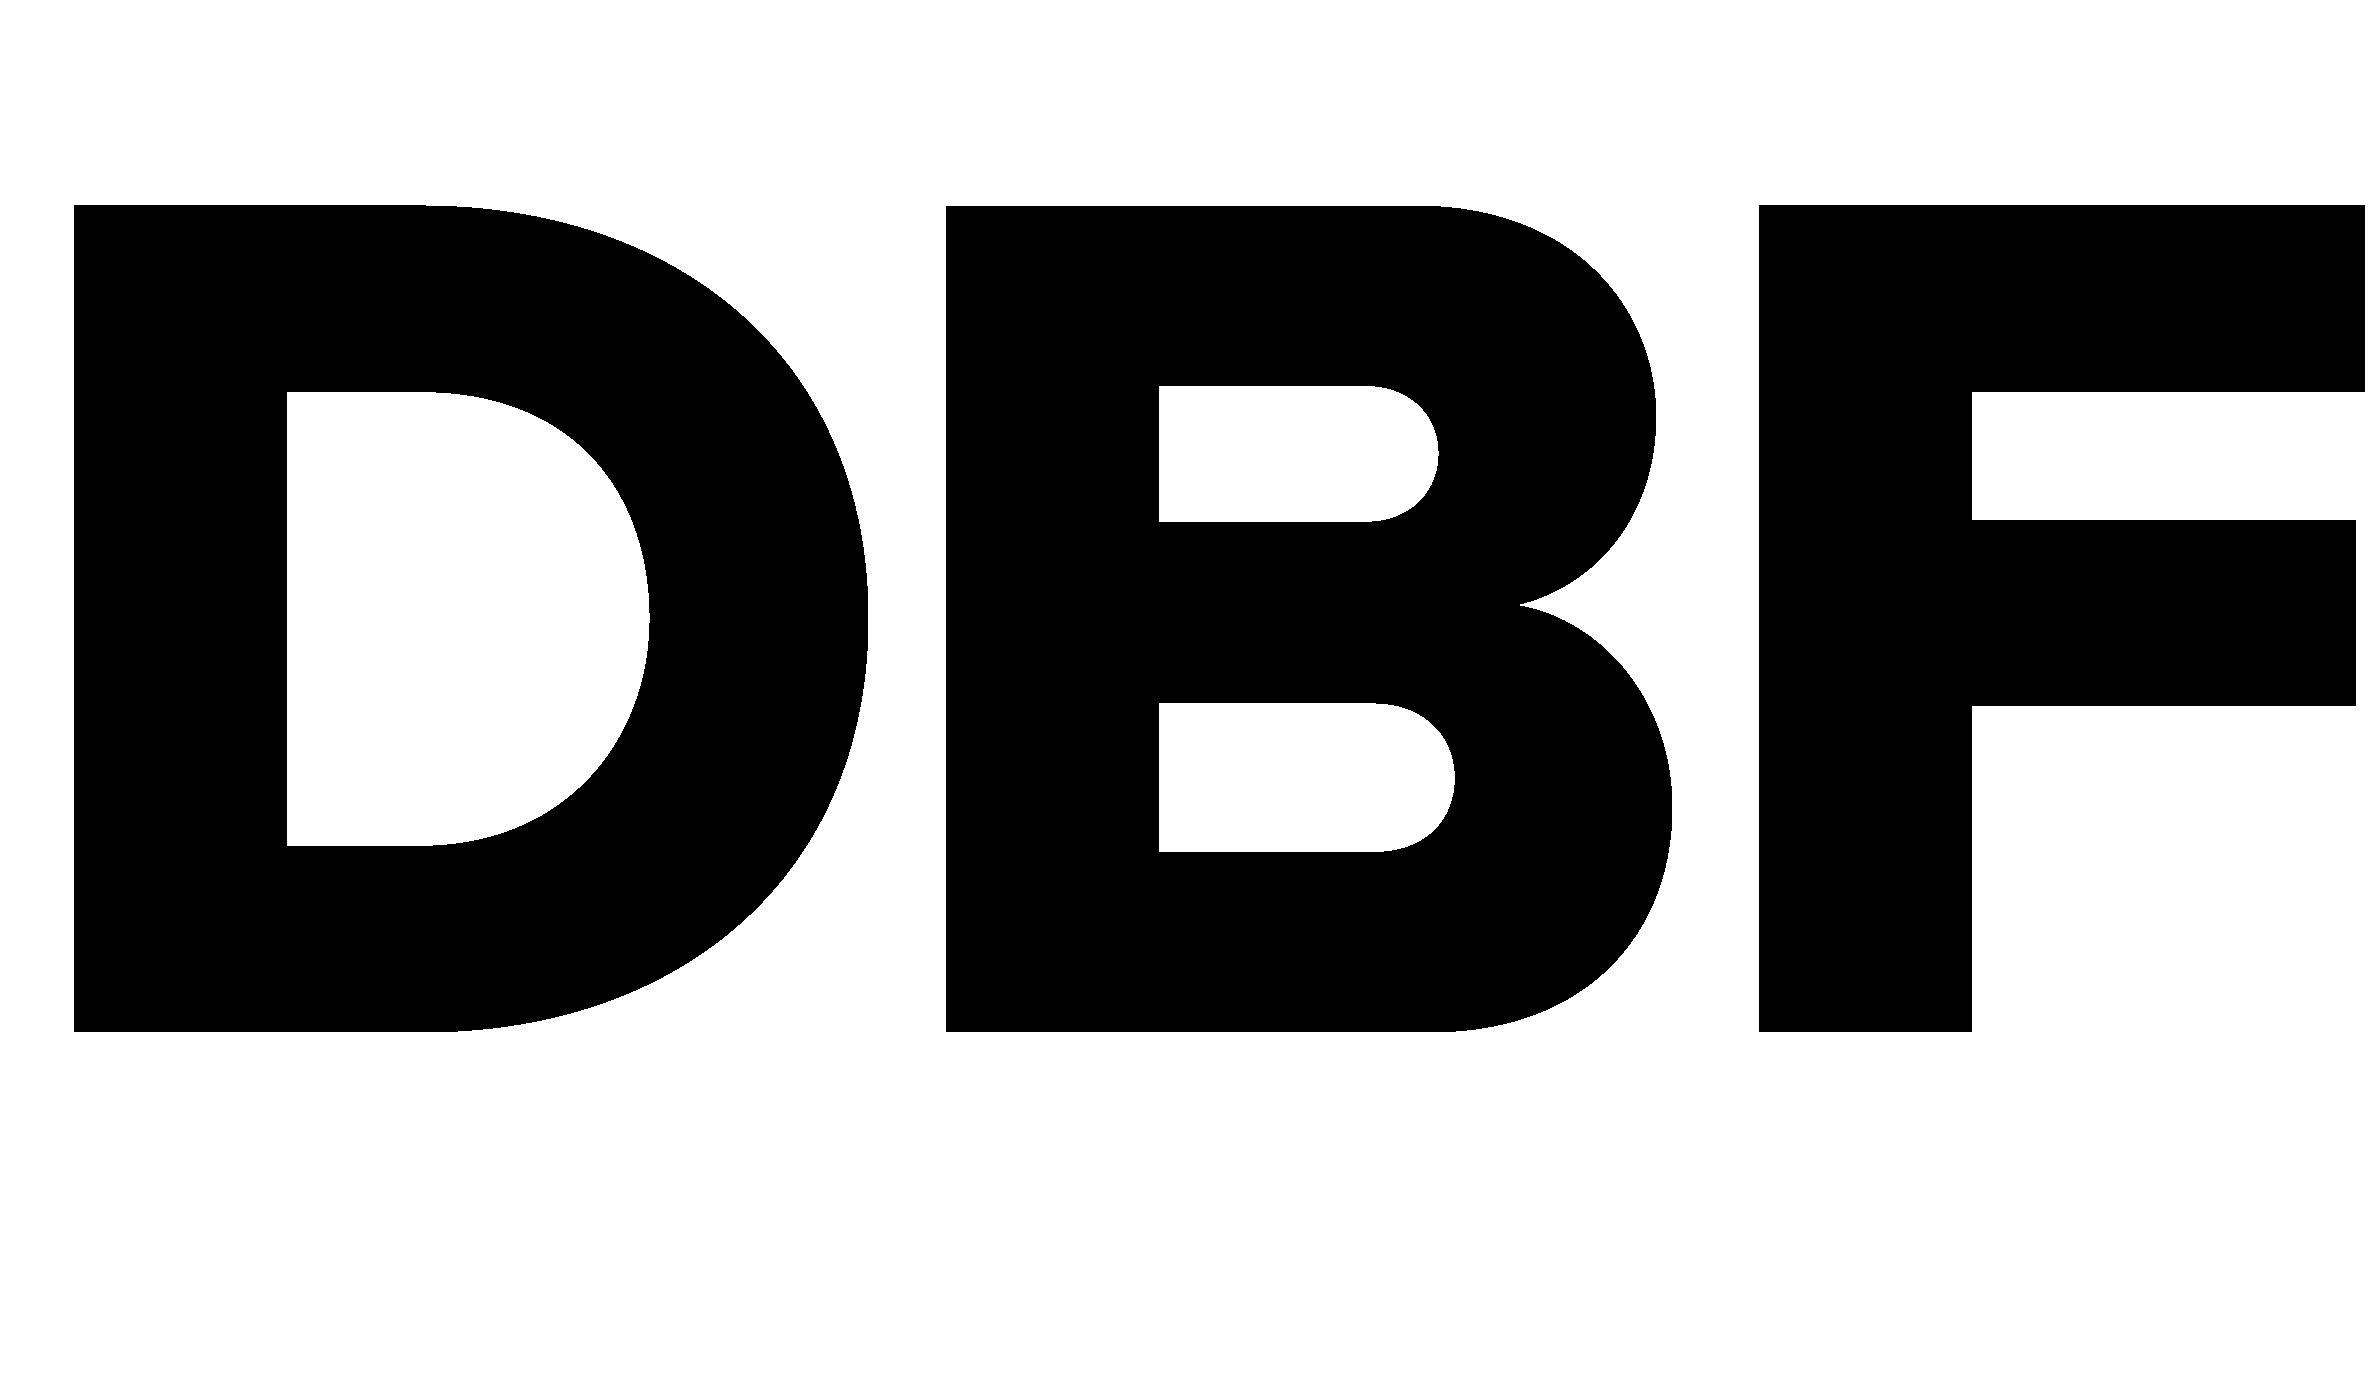 dbfwot.png